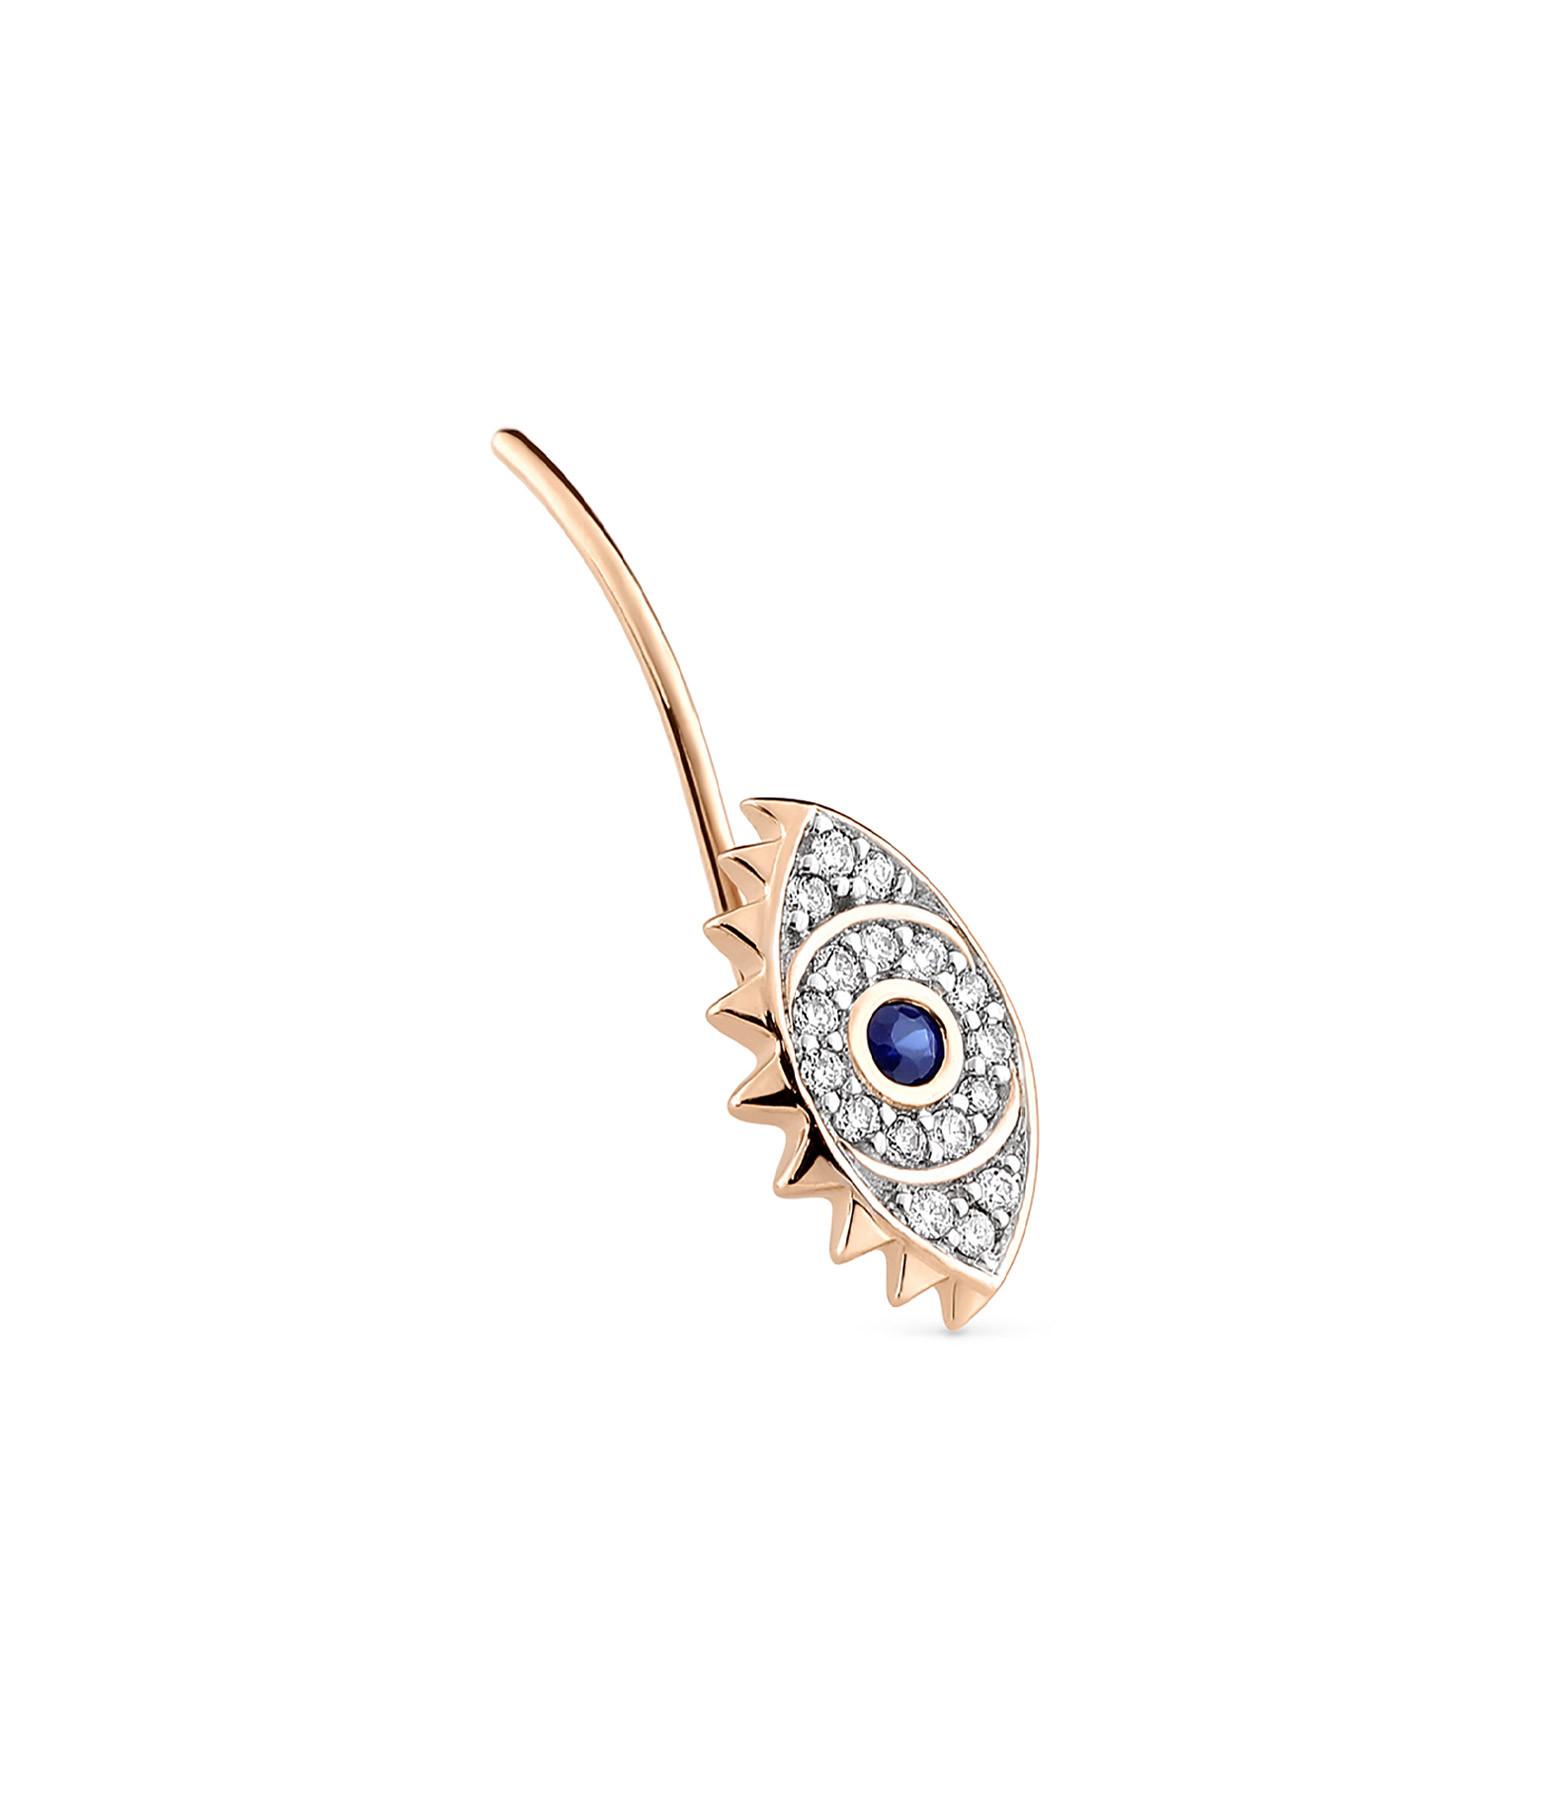 GINETTE NY - Boucle d'oreille Ajna Saphir Diamants OR (unité)